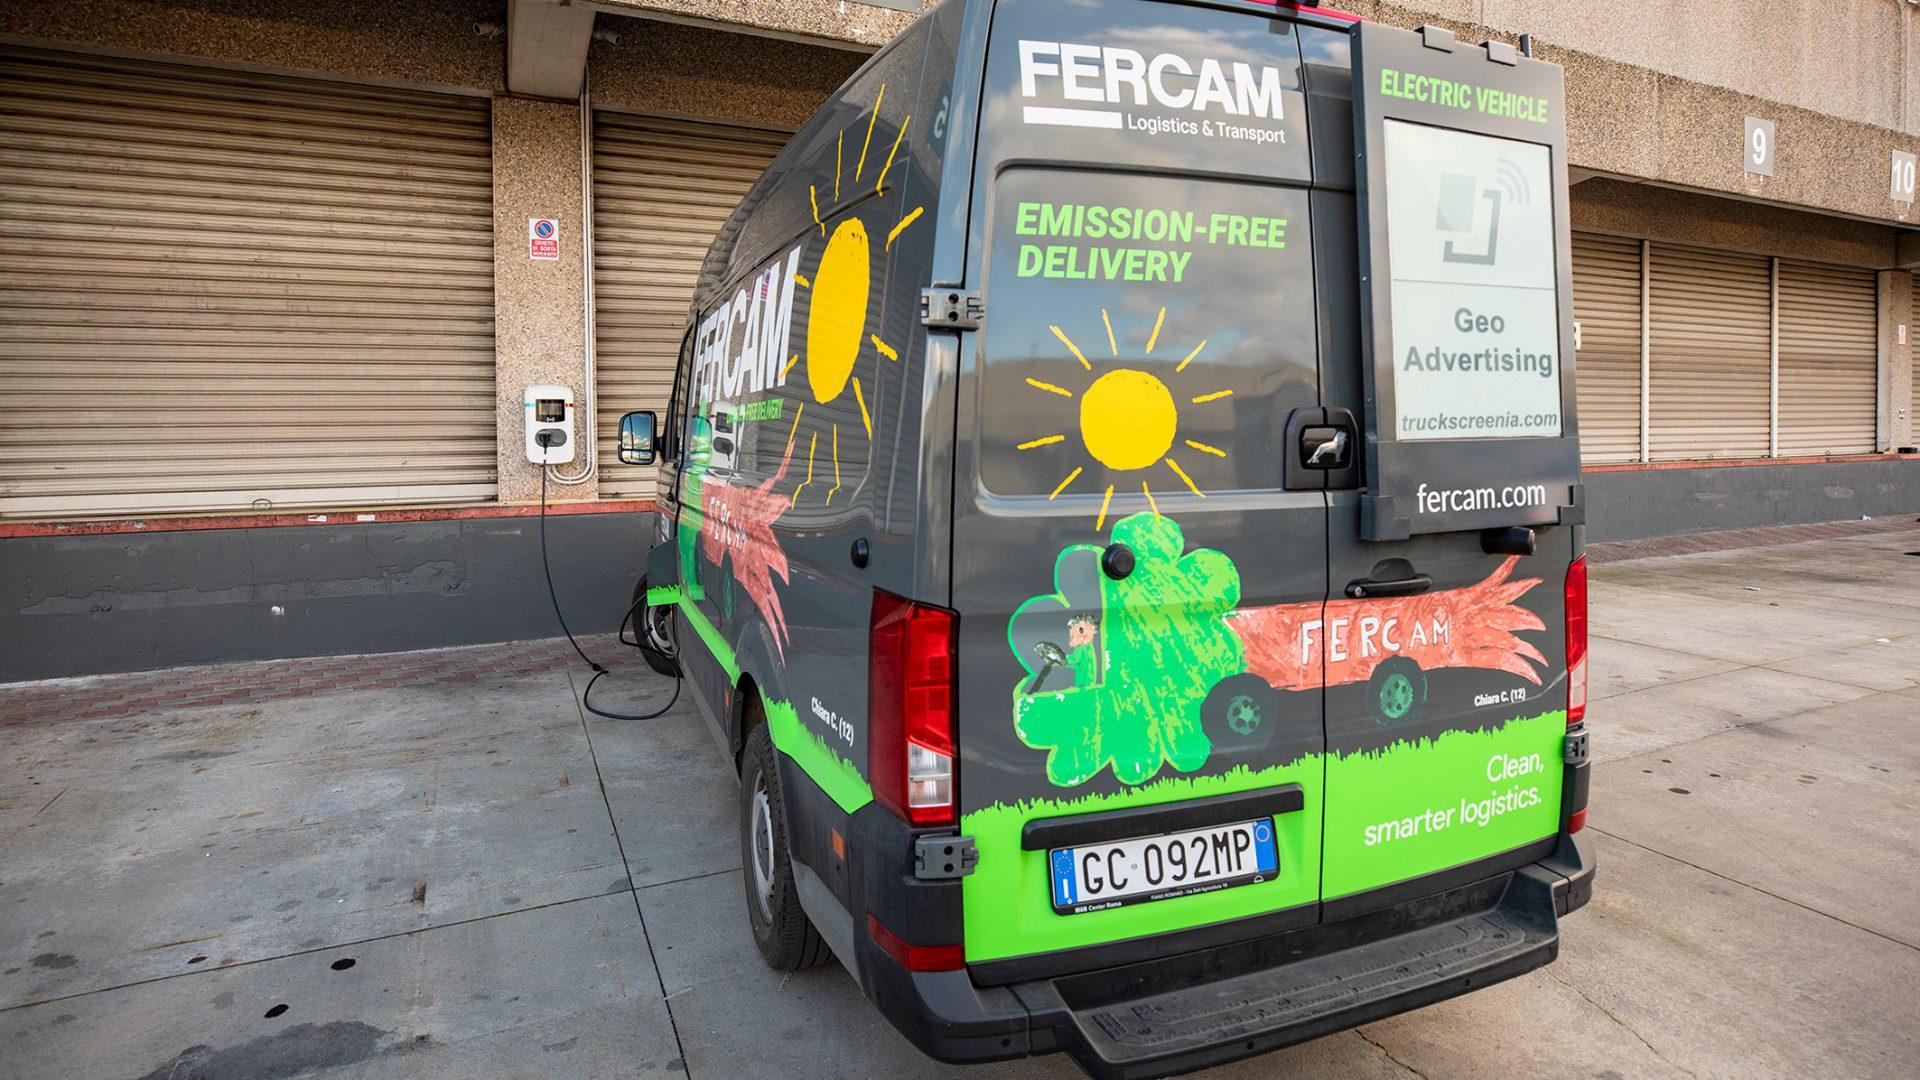 FERCAM Future Labs